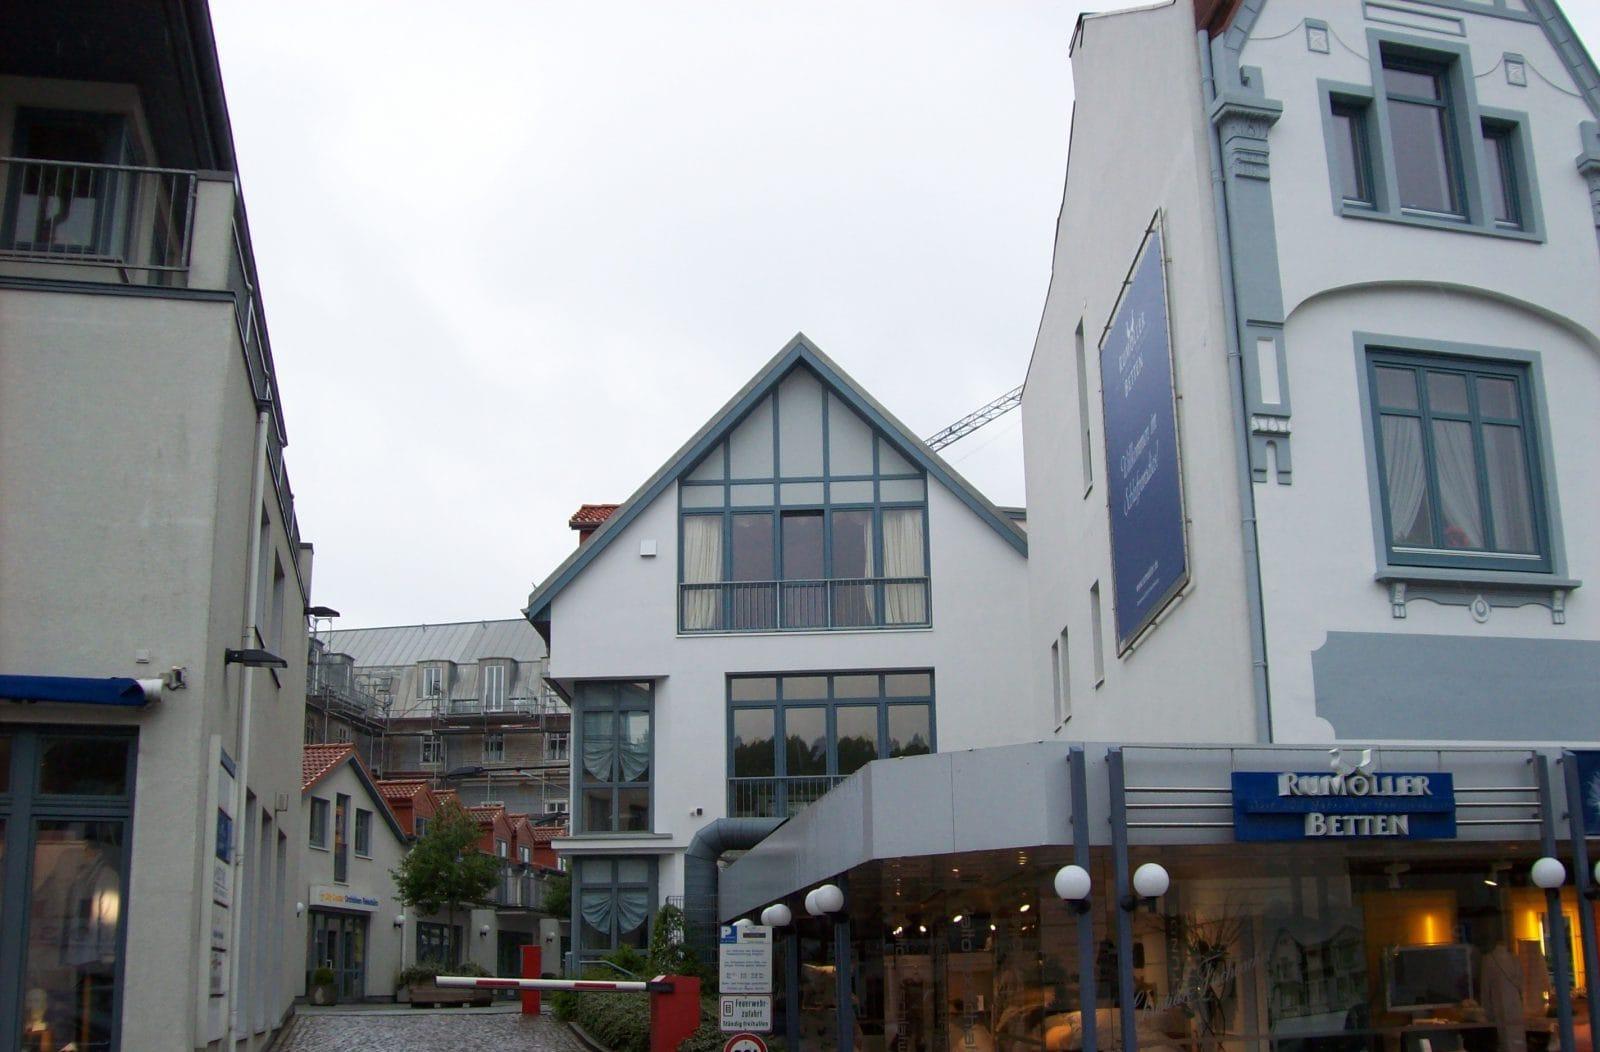 Elbchaussee 582 – 1 (3)